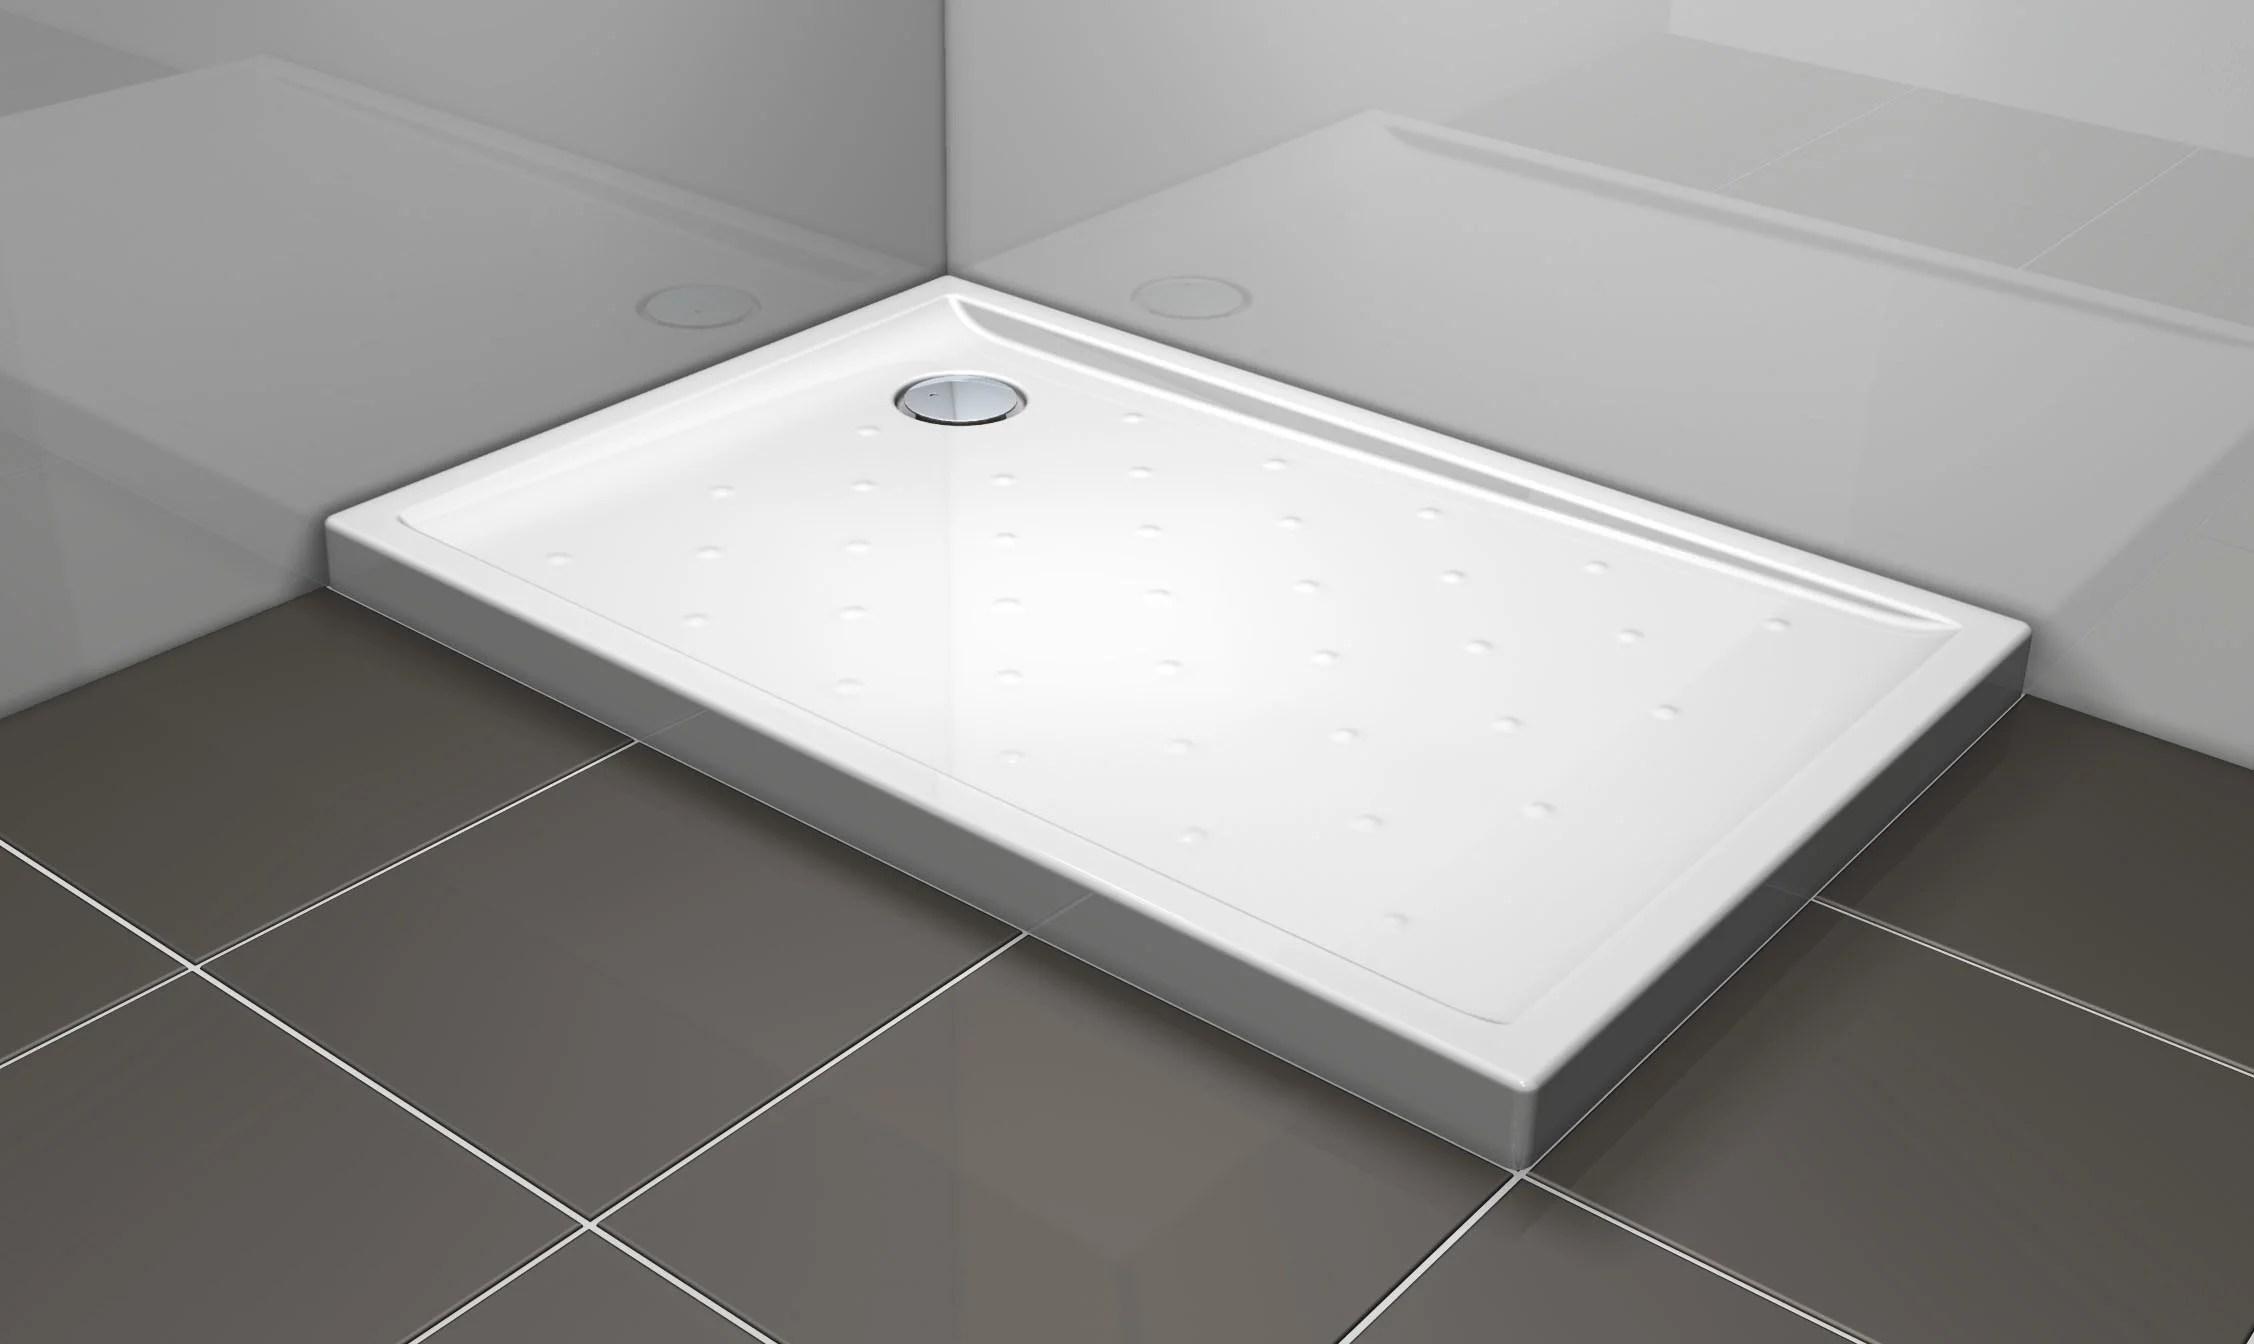 receveur de douche rectangulaire l 120 x l 80 cm gres blanc asca2